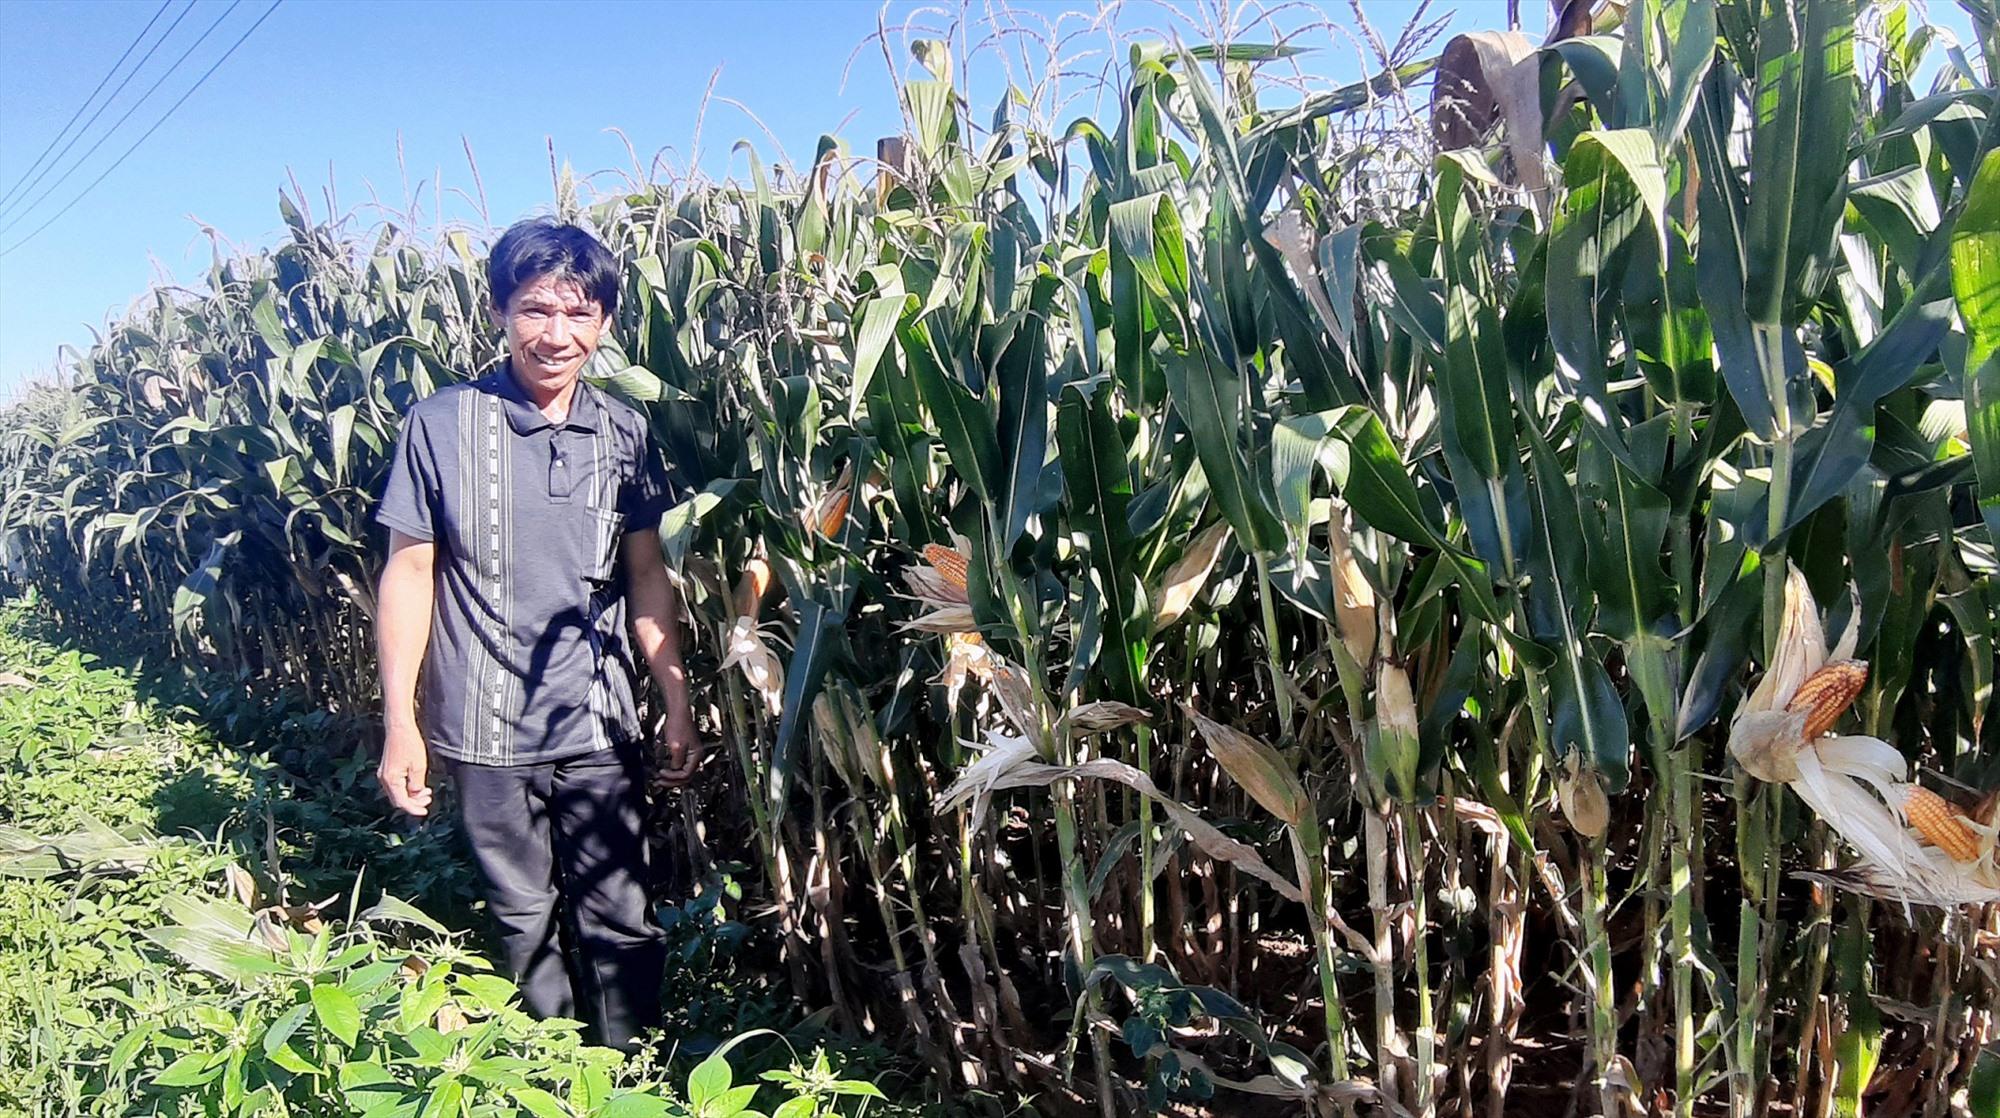 Với 4 sào đất màu, bình quân mỗi năm ông Ngô Nguyên Nhàn ở thôn Thanh Châu (xã Duy Châu, Duy Xuyên) thu về 42 triệu đồng. Ảnh: H.N